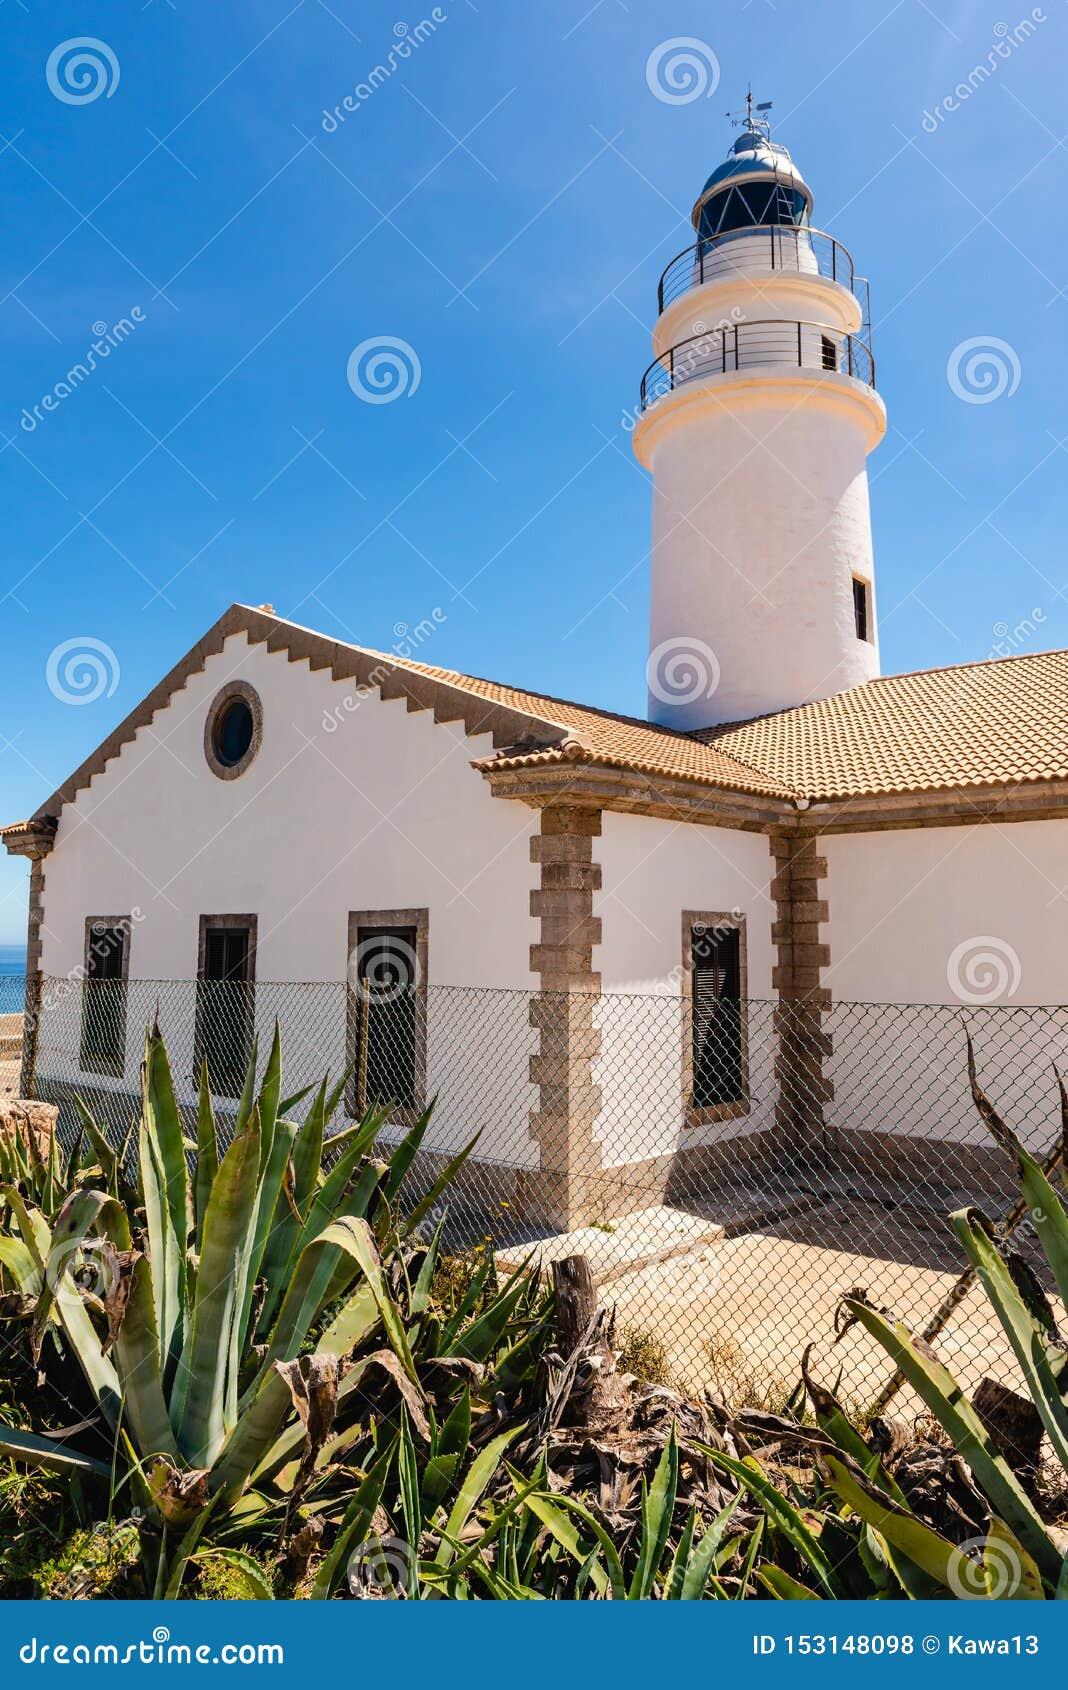 卡普德佩拉灯塔位于最东部问题的马略卡,其中一座在海岛上的最象征的灯塔